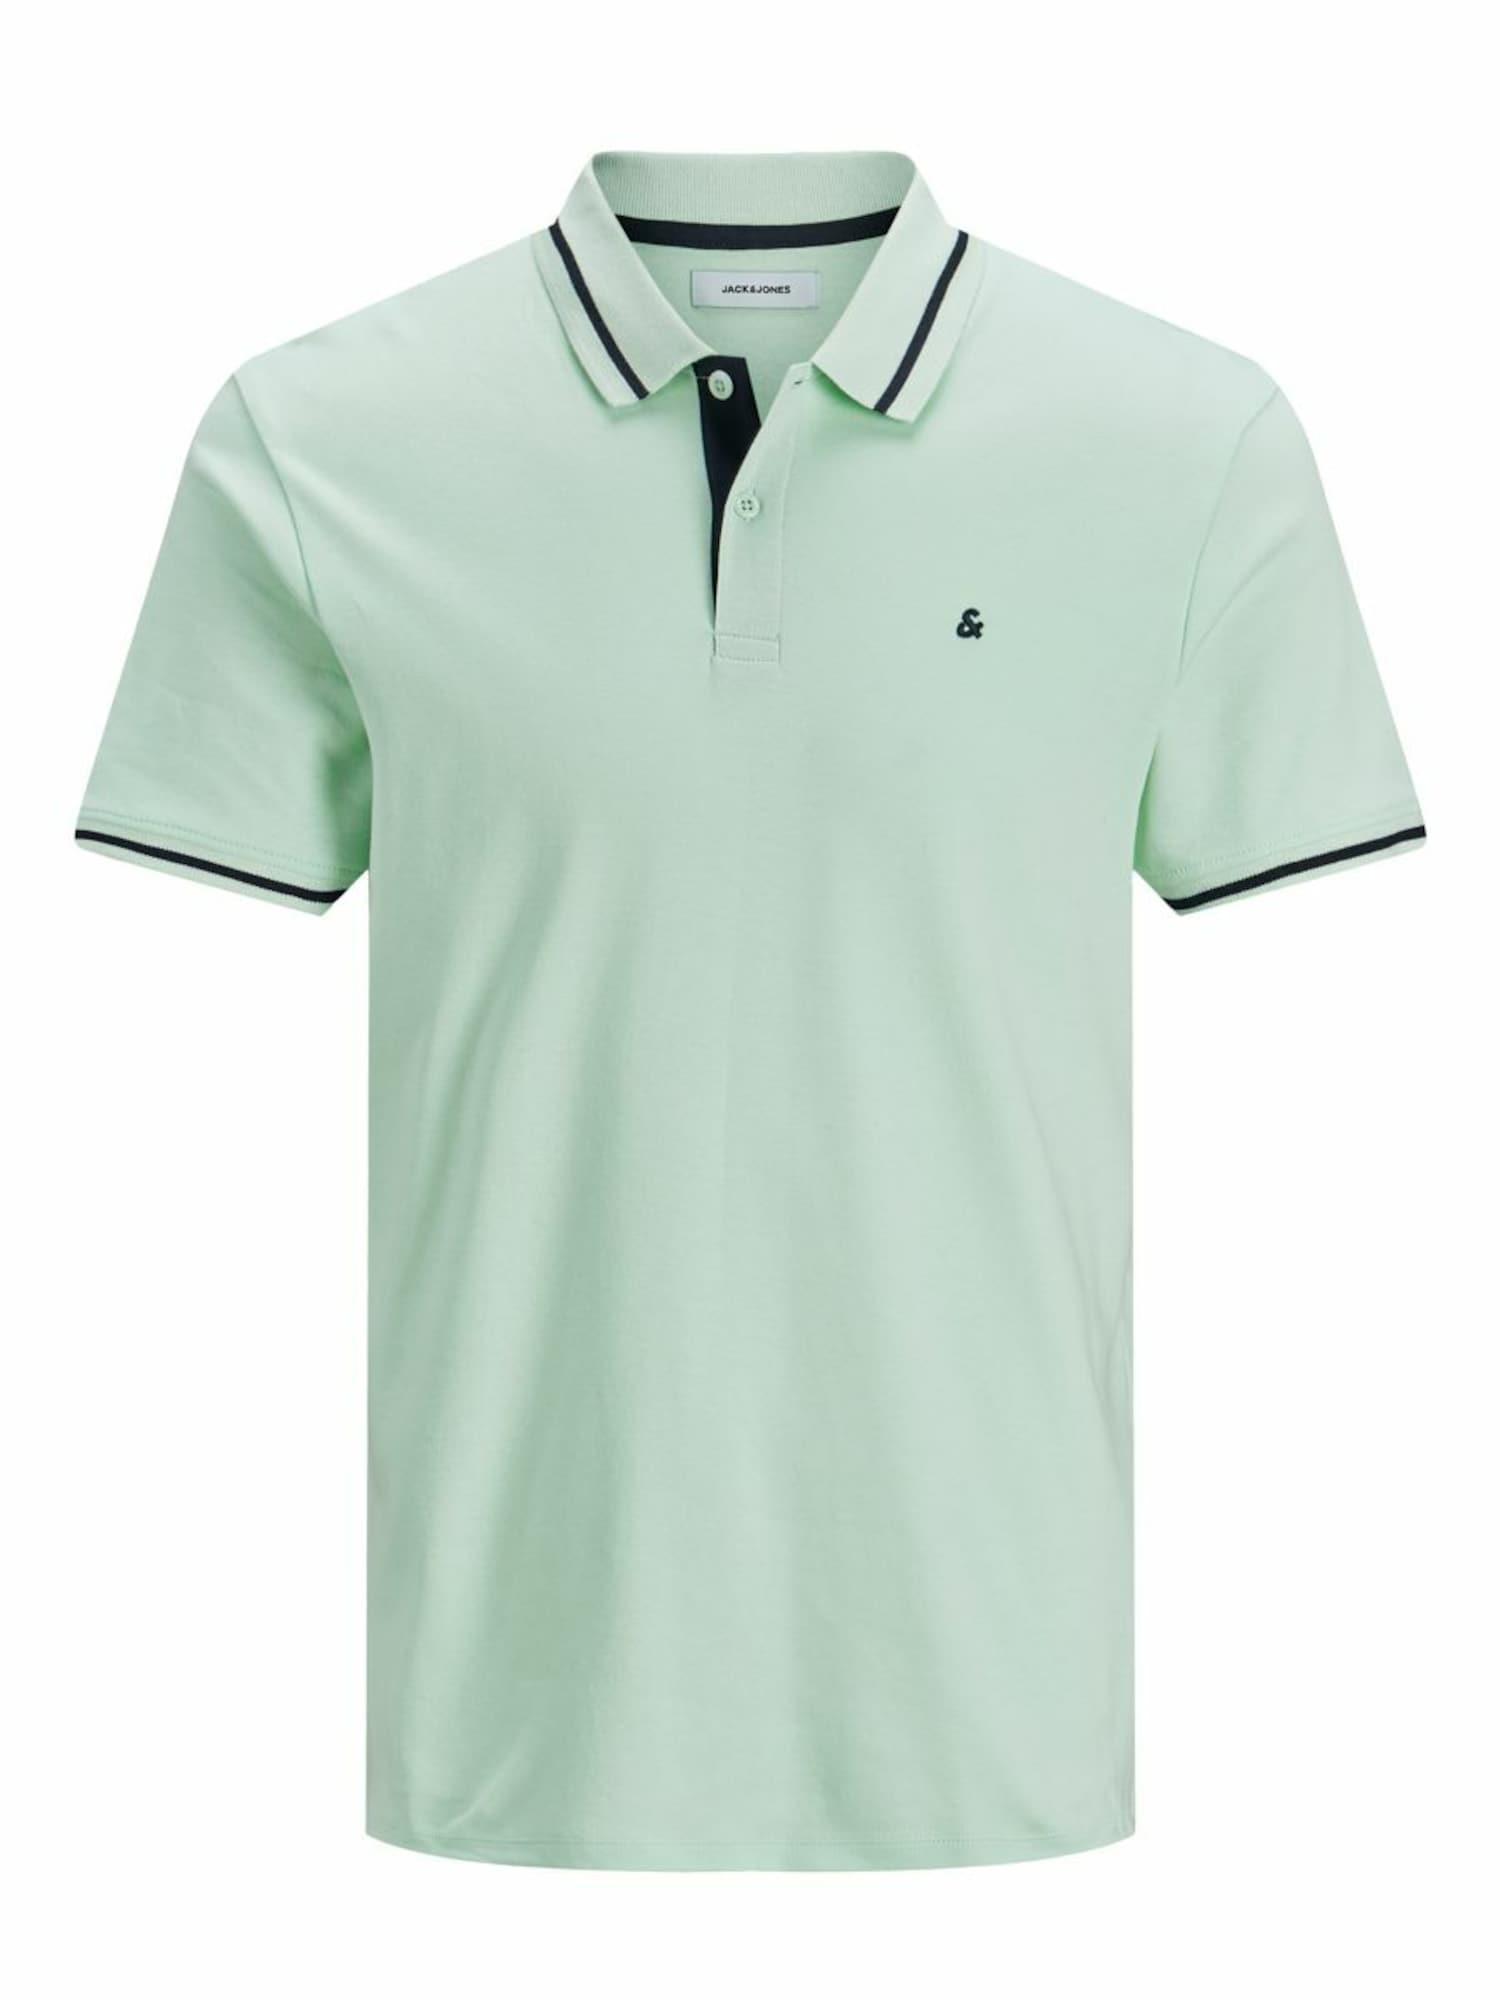 JACK & JONES Marškinėliai mėtų spalva / benzino spalva